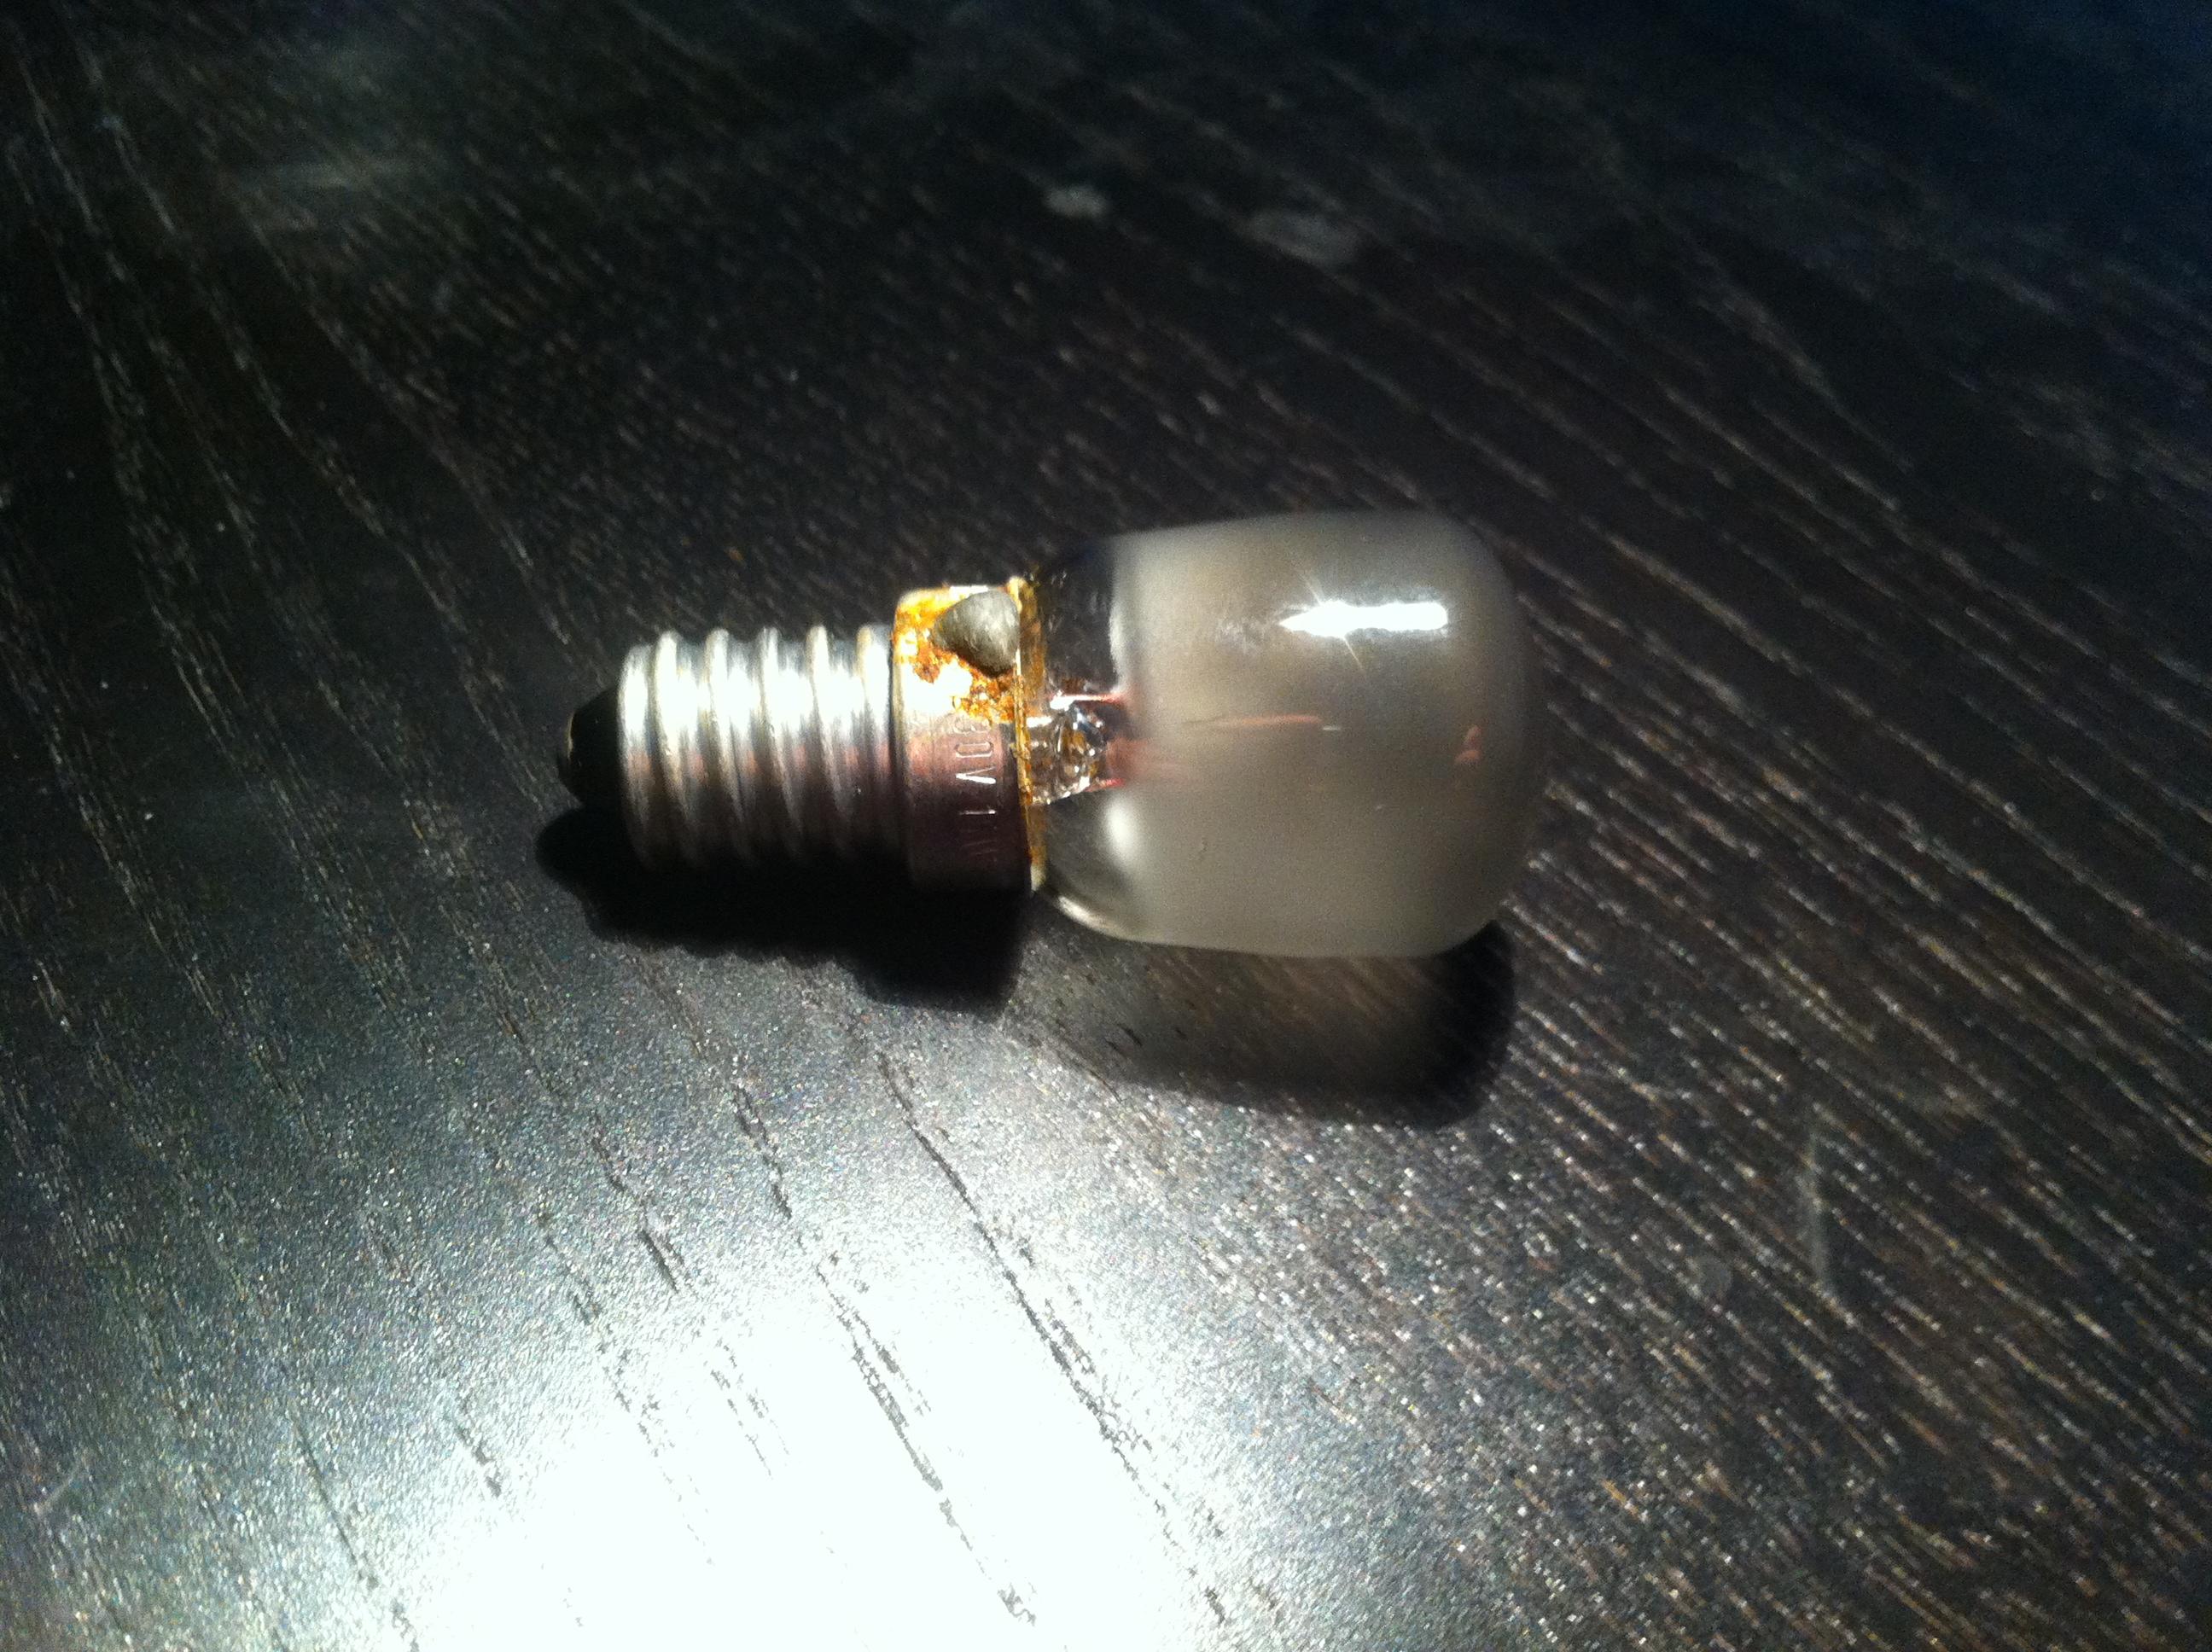 Gibt es so etwas wie getönte Glühbirnen? (Glühbirne, benutzung)